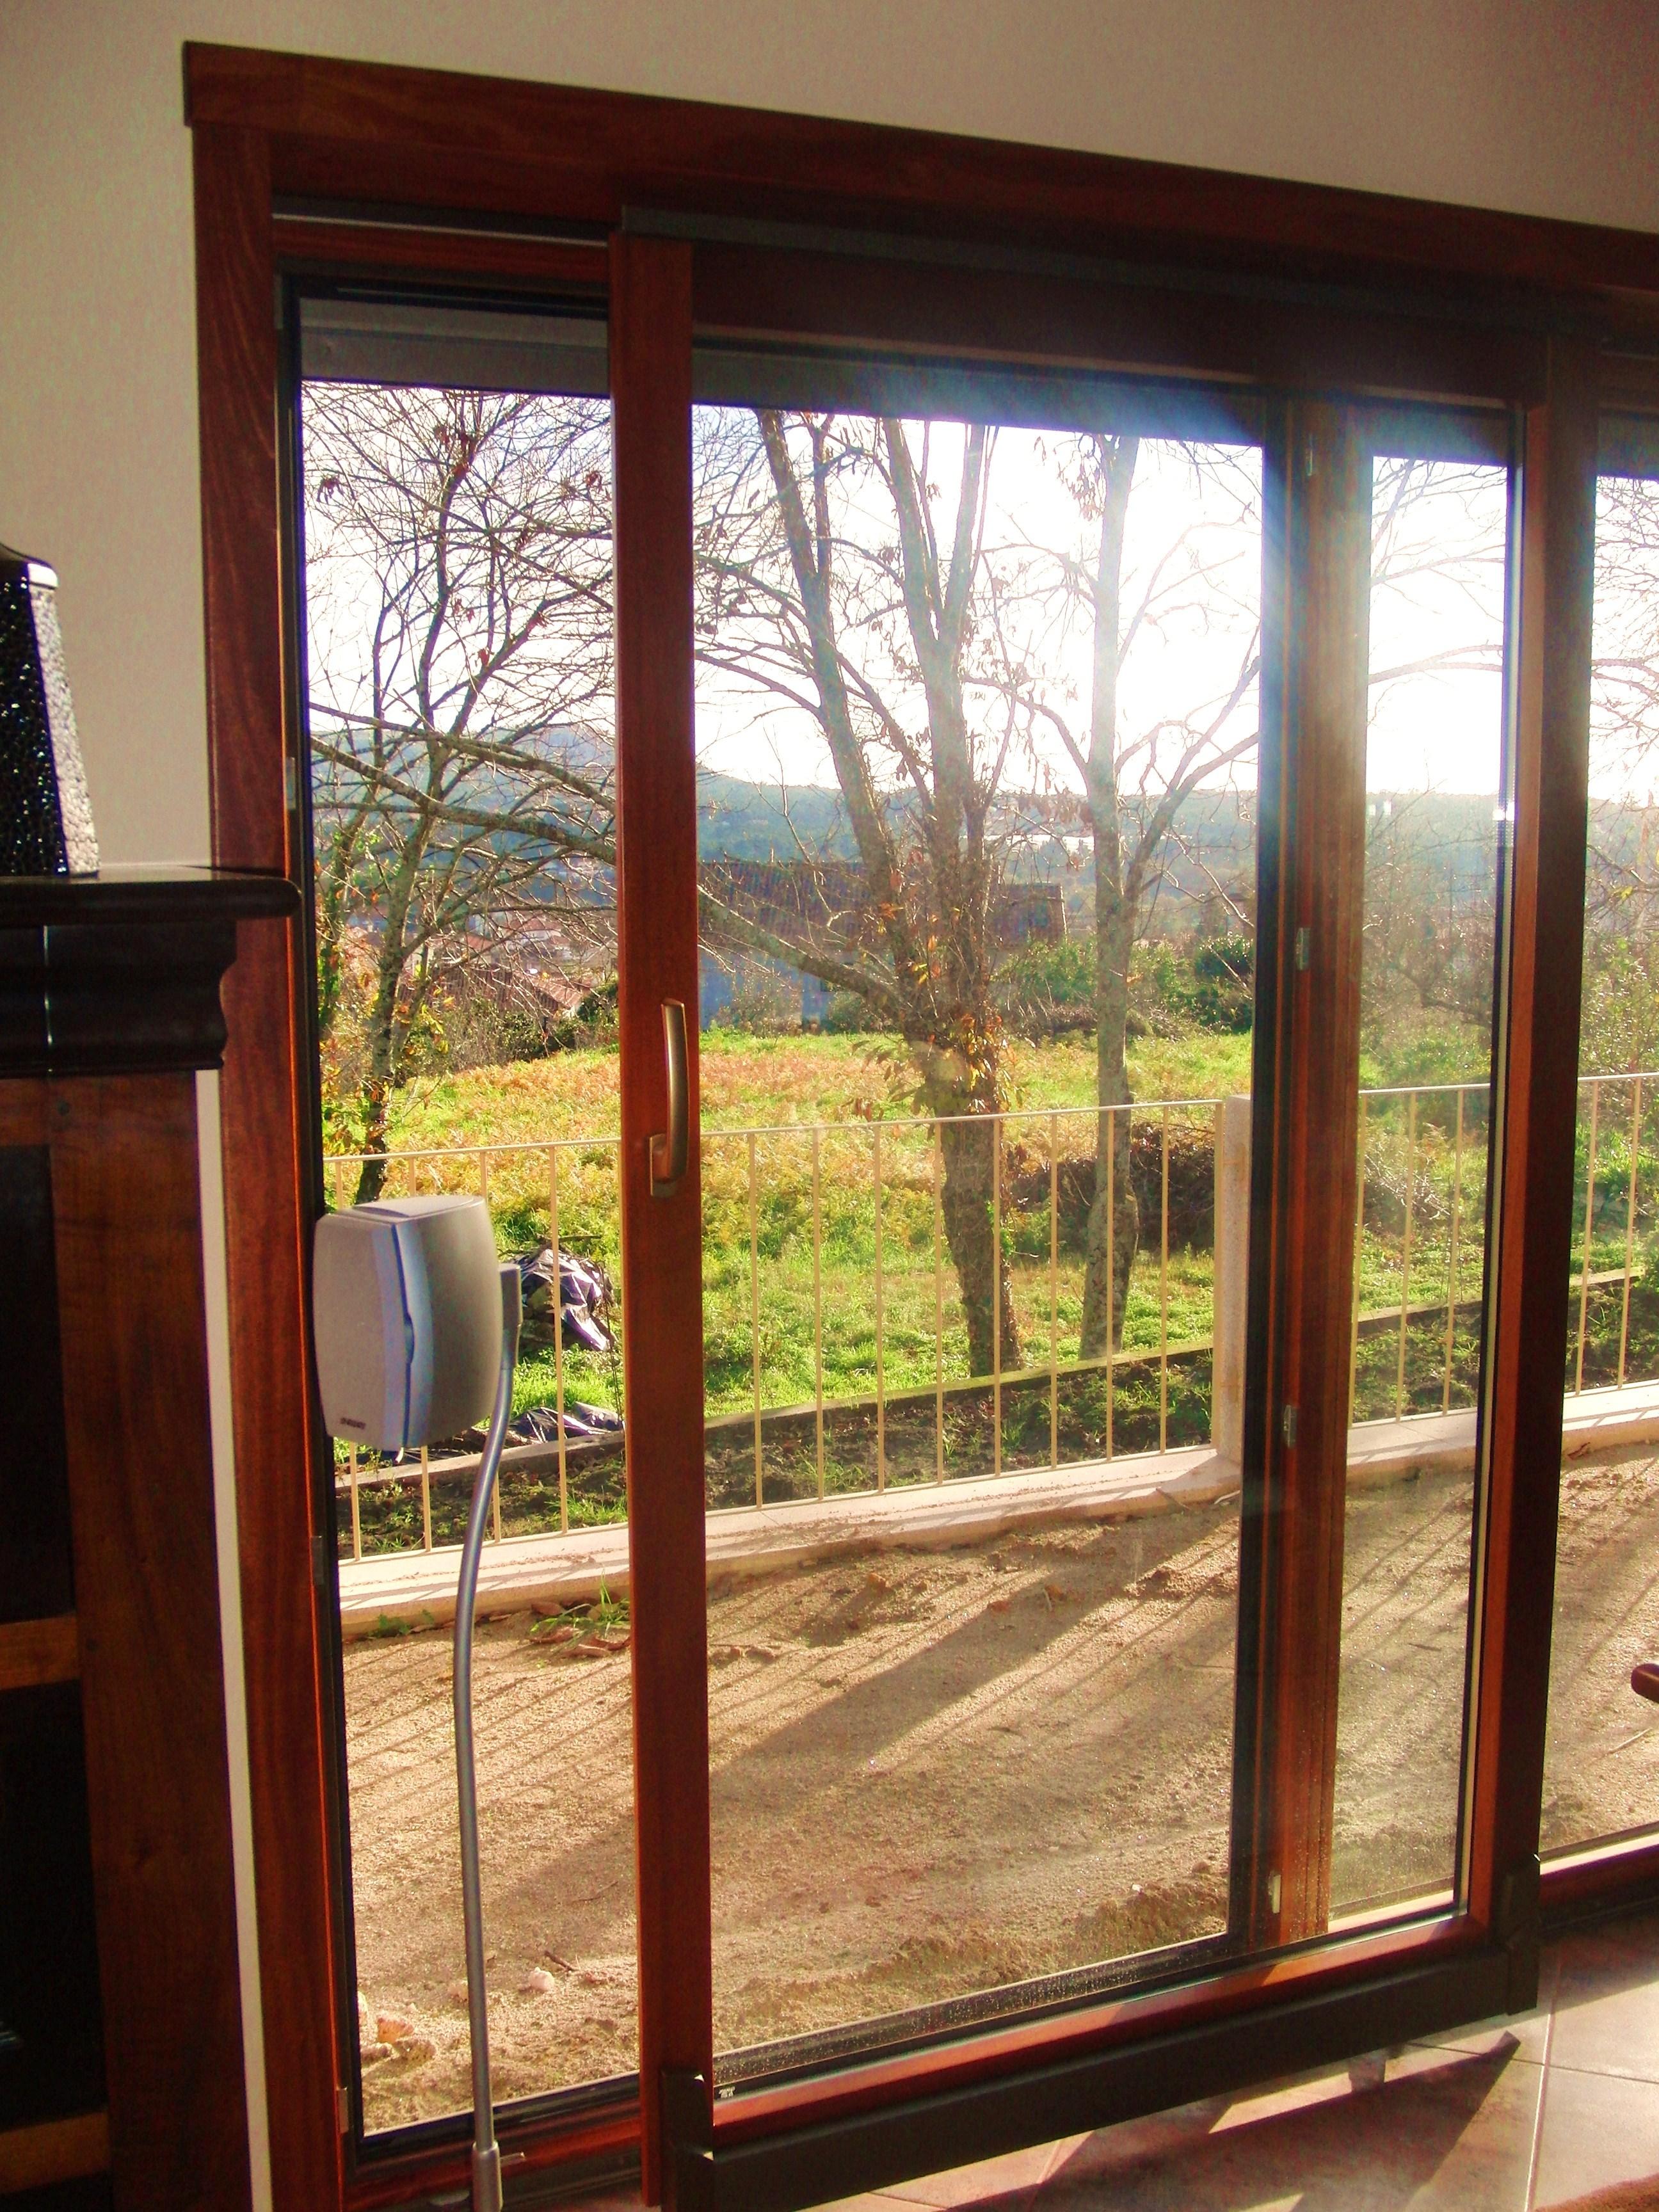 CAIXILHARIA MADEIRA janela em madeira corredora paralela janela oscilo  #997832 2592 3456